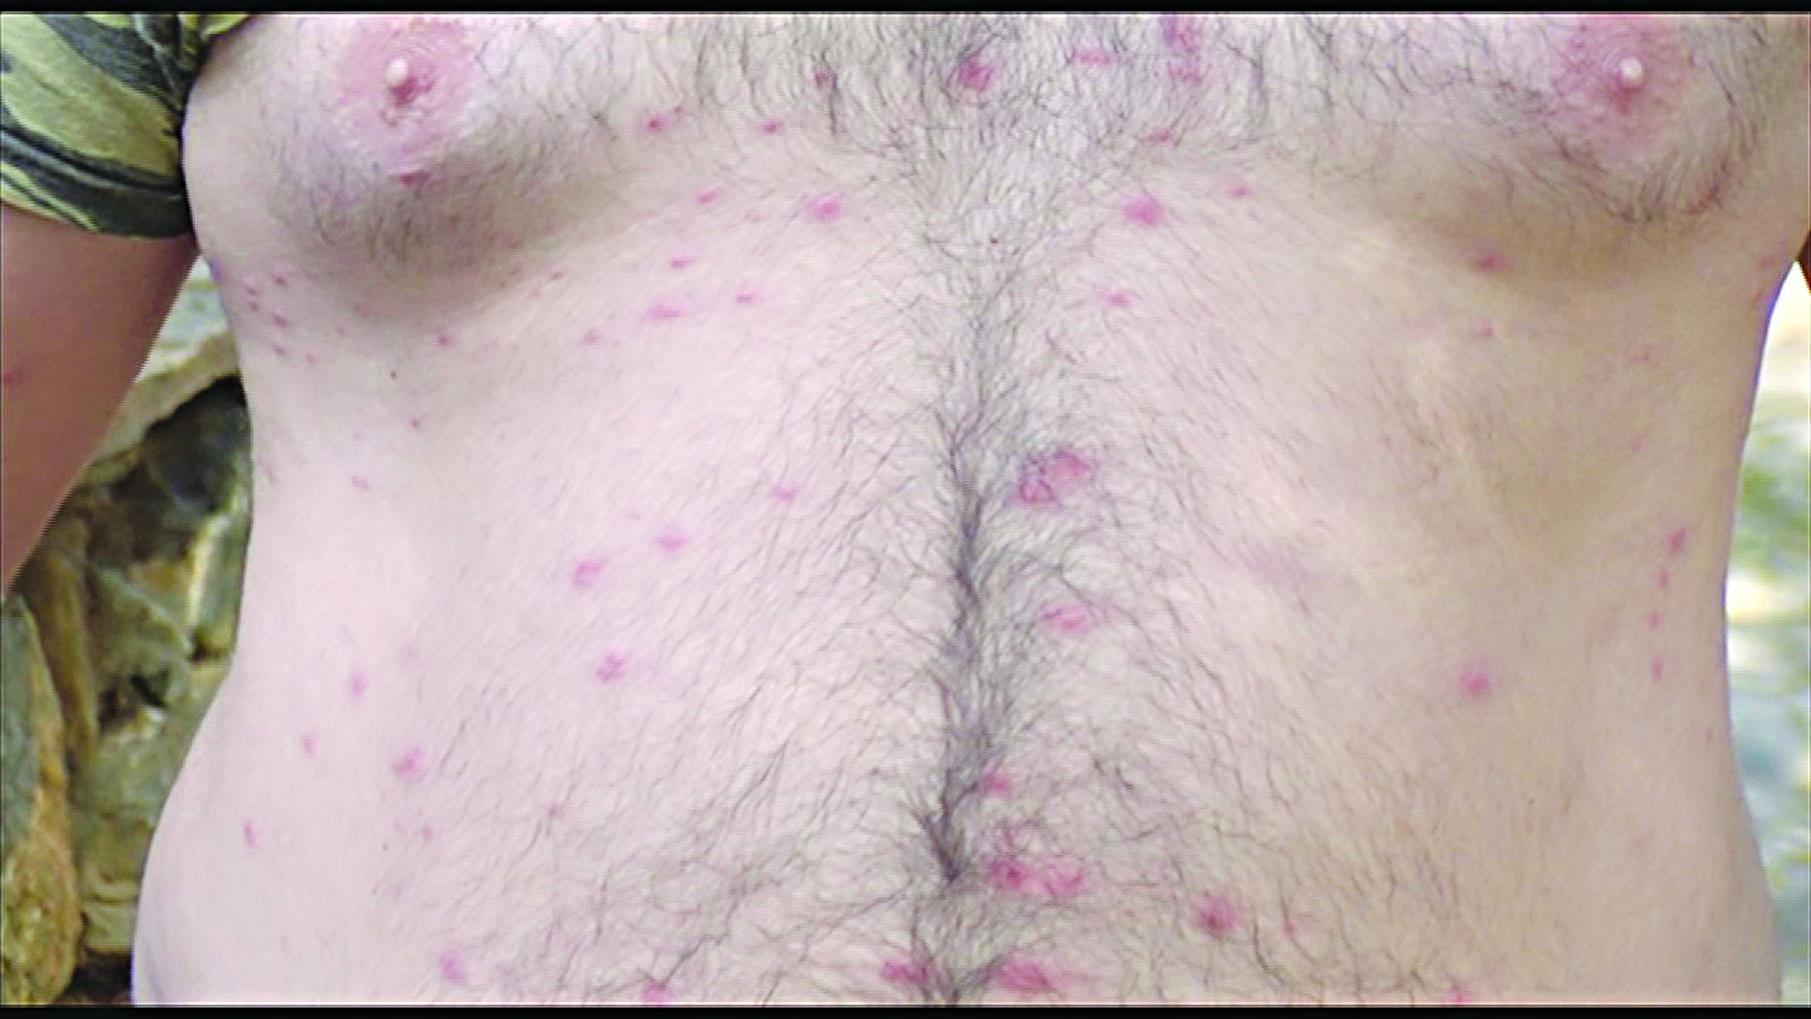 Κρήτη: Ένα ολόκληρο χωριό έπαθε αλλεργία! Φωτογραφίζονται και ζητούν απαντήσεις από ειδικούς (pics, vid)